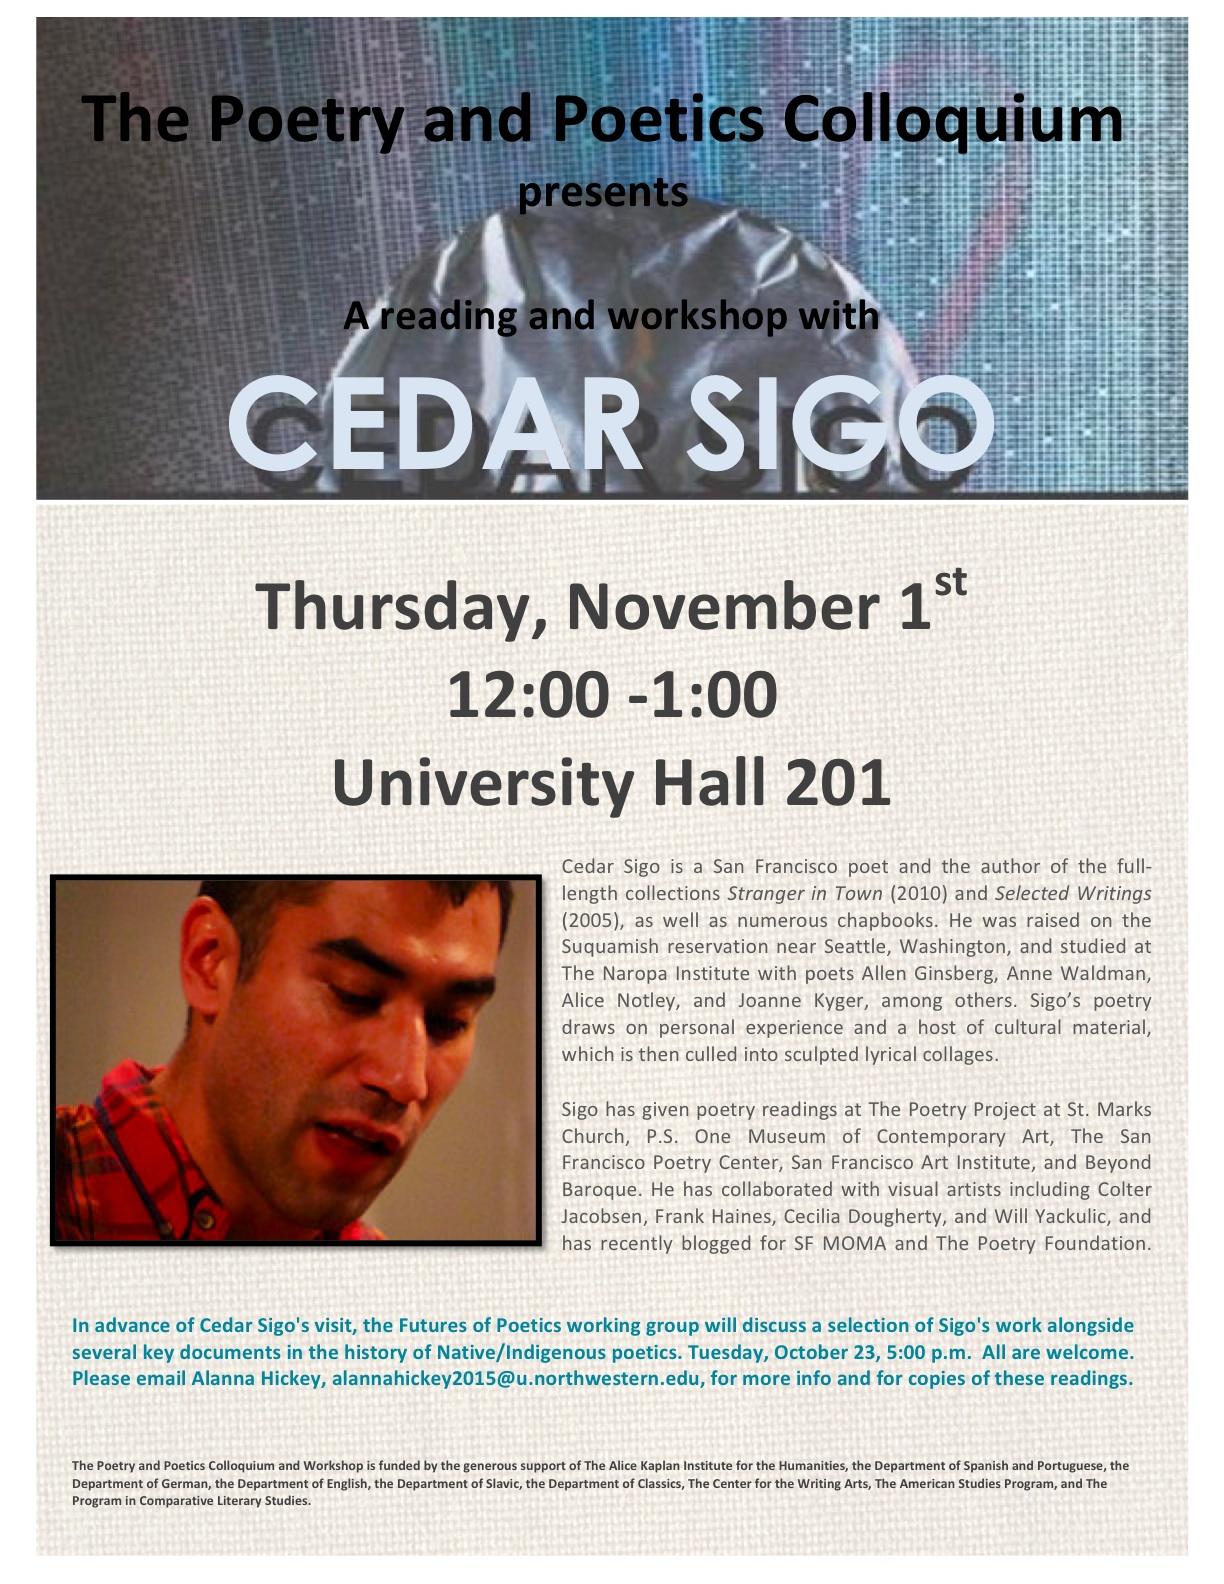 Cedar Sigo